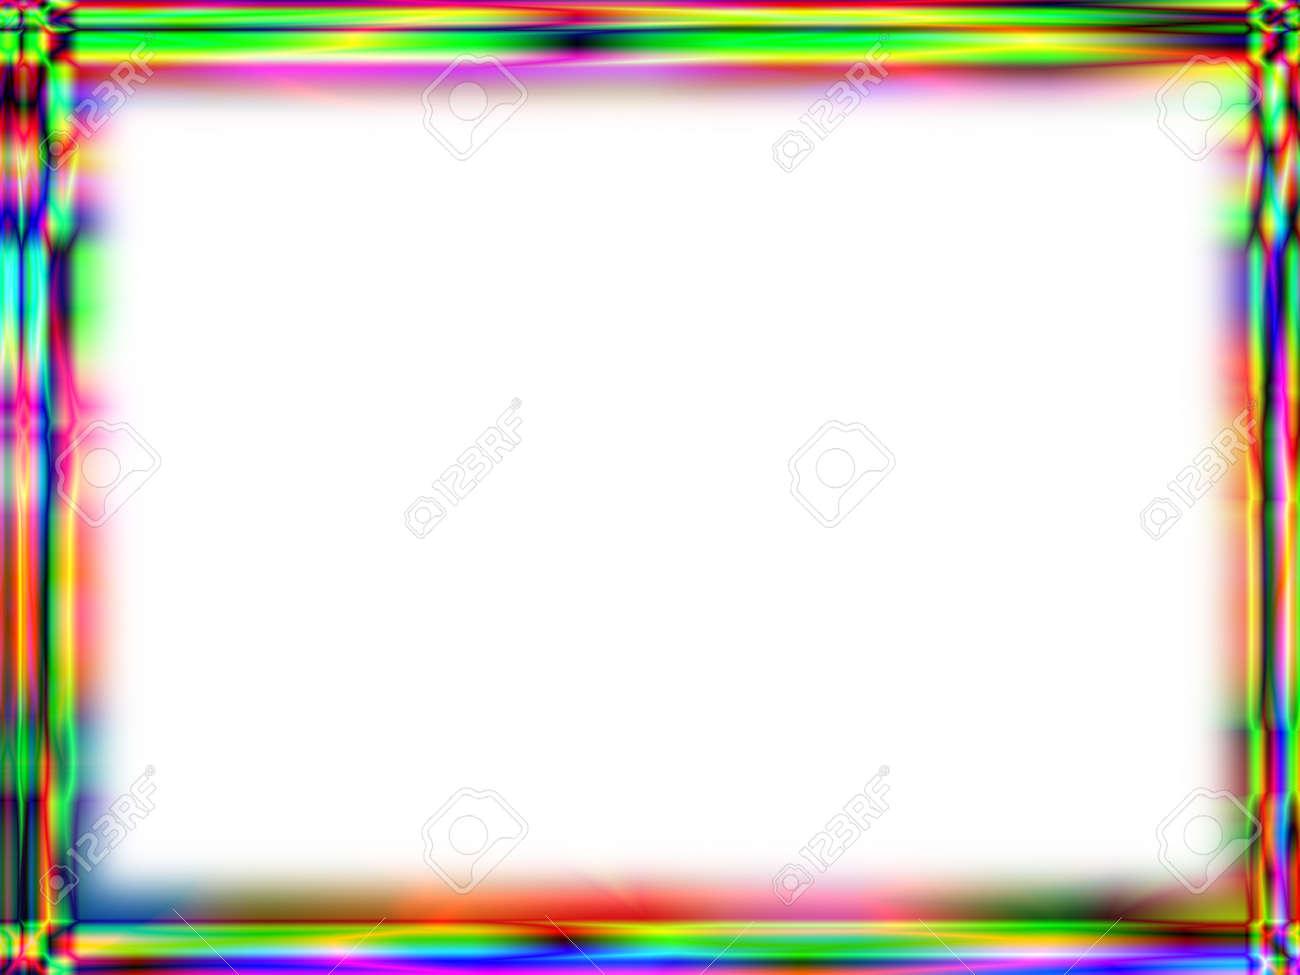 Einzigartige Regenbogenverlauf Rahmen Mit Weißem Leeren Platz Für ...